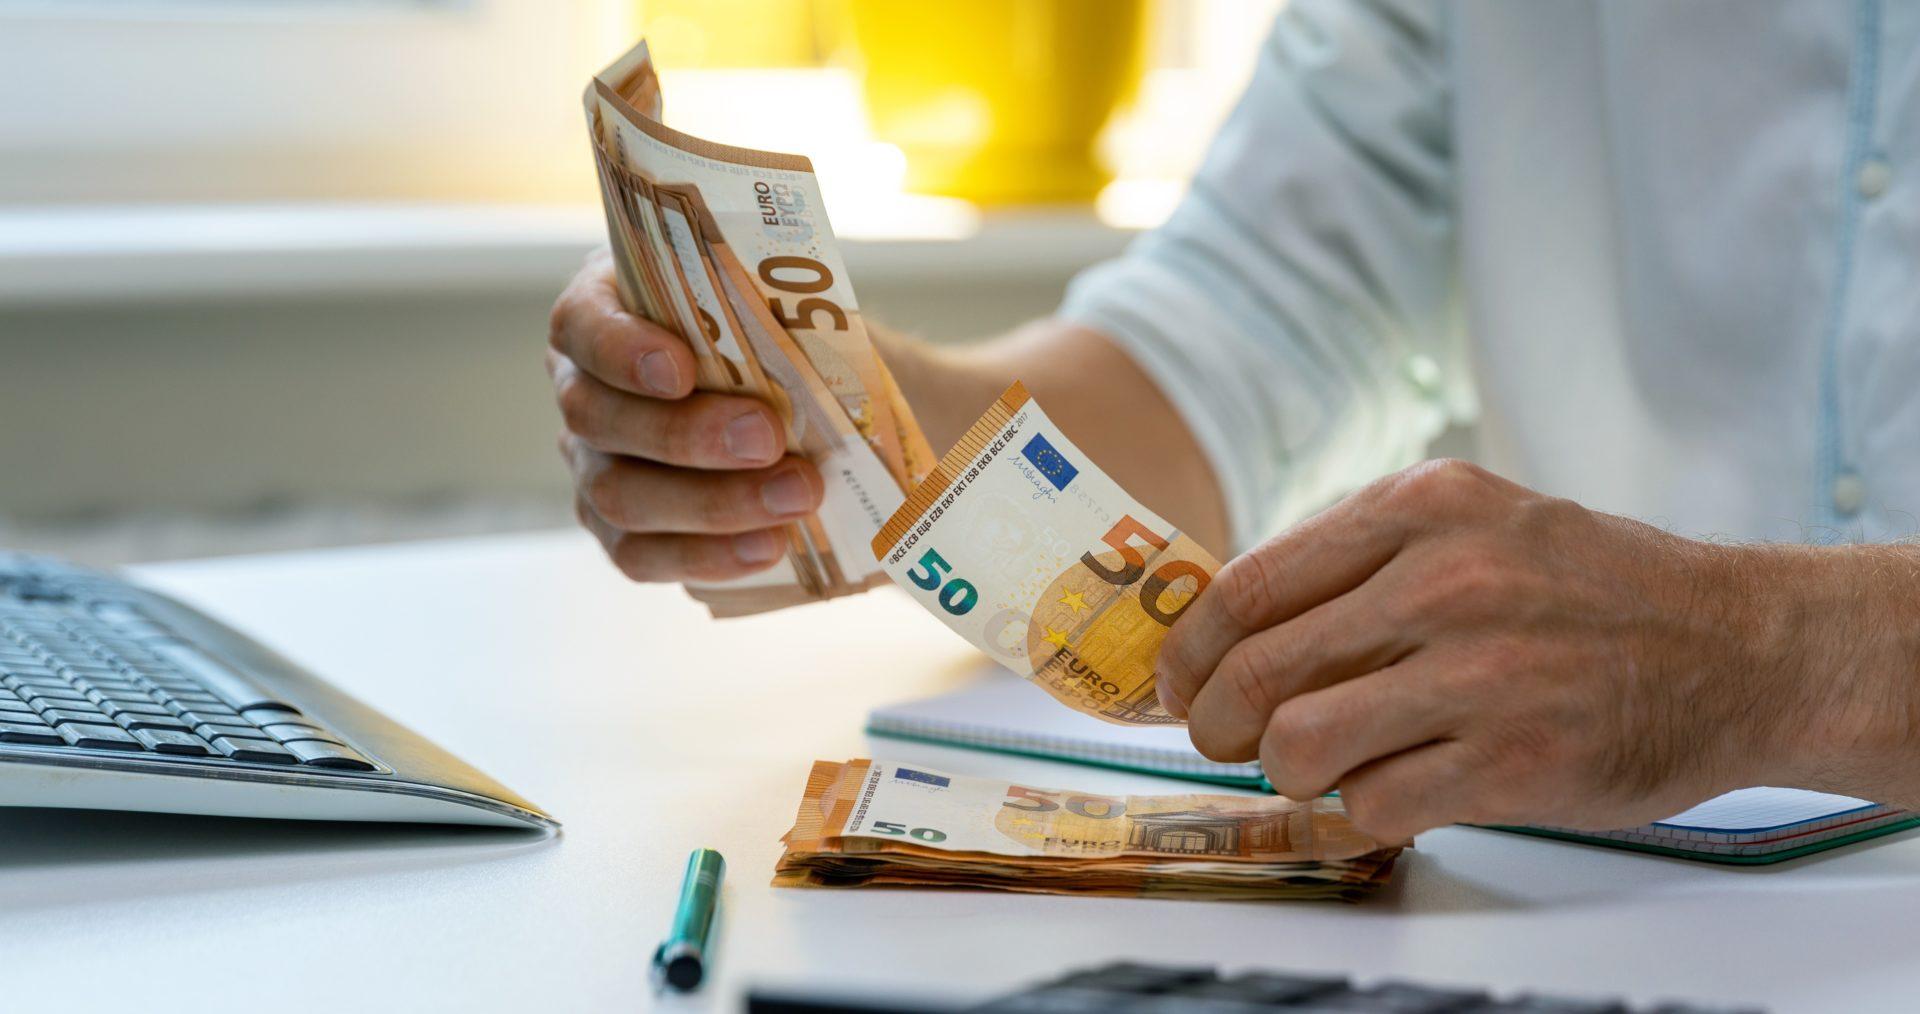 Unser Goldankauf, Kostenfrei und ohne Verkaufspflicht, Bageld für Goldschmuck, Altgold, Siber-ankaufen, Aurax Edelmetallhandel GmbH